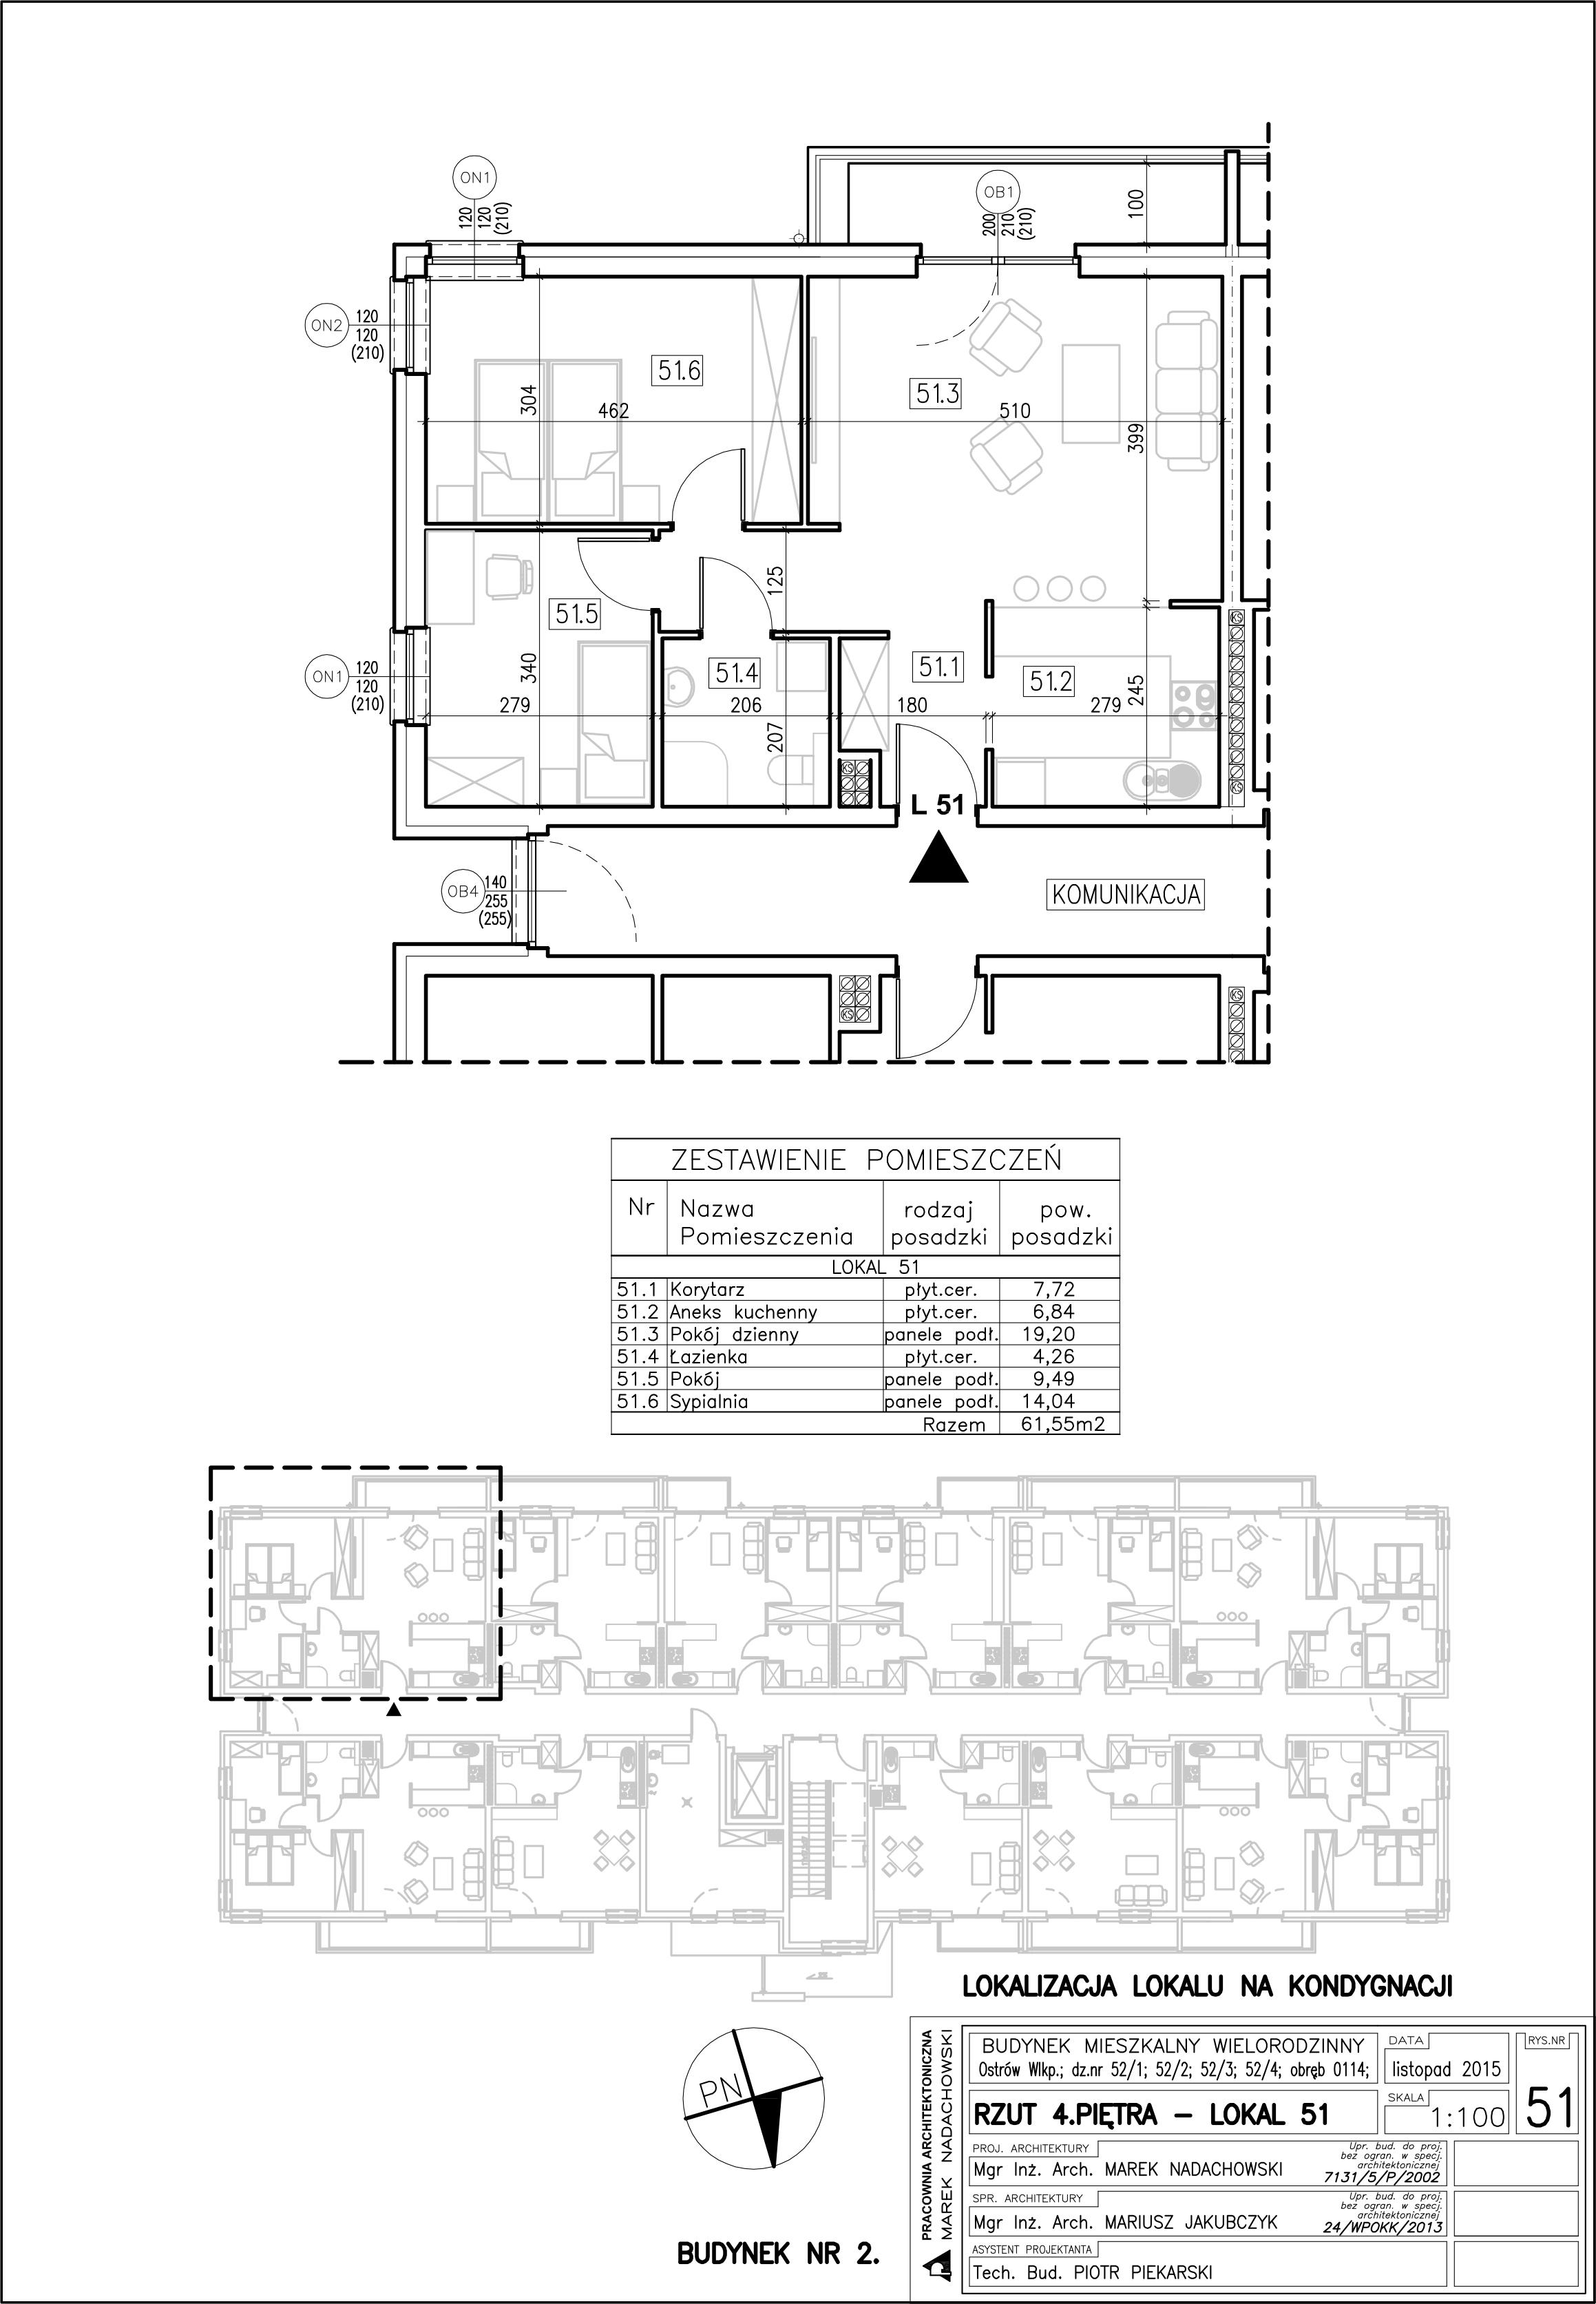 Lokal nr 51 – budynek 2 Powierzchnia 55,56 m2